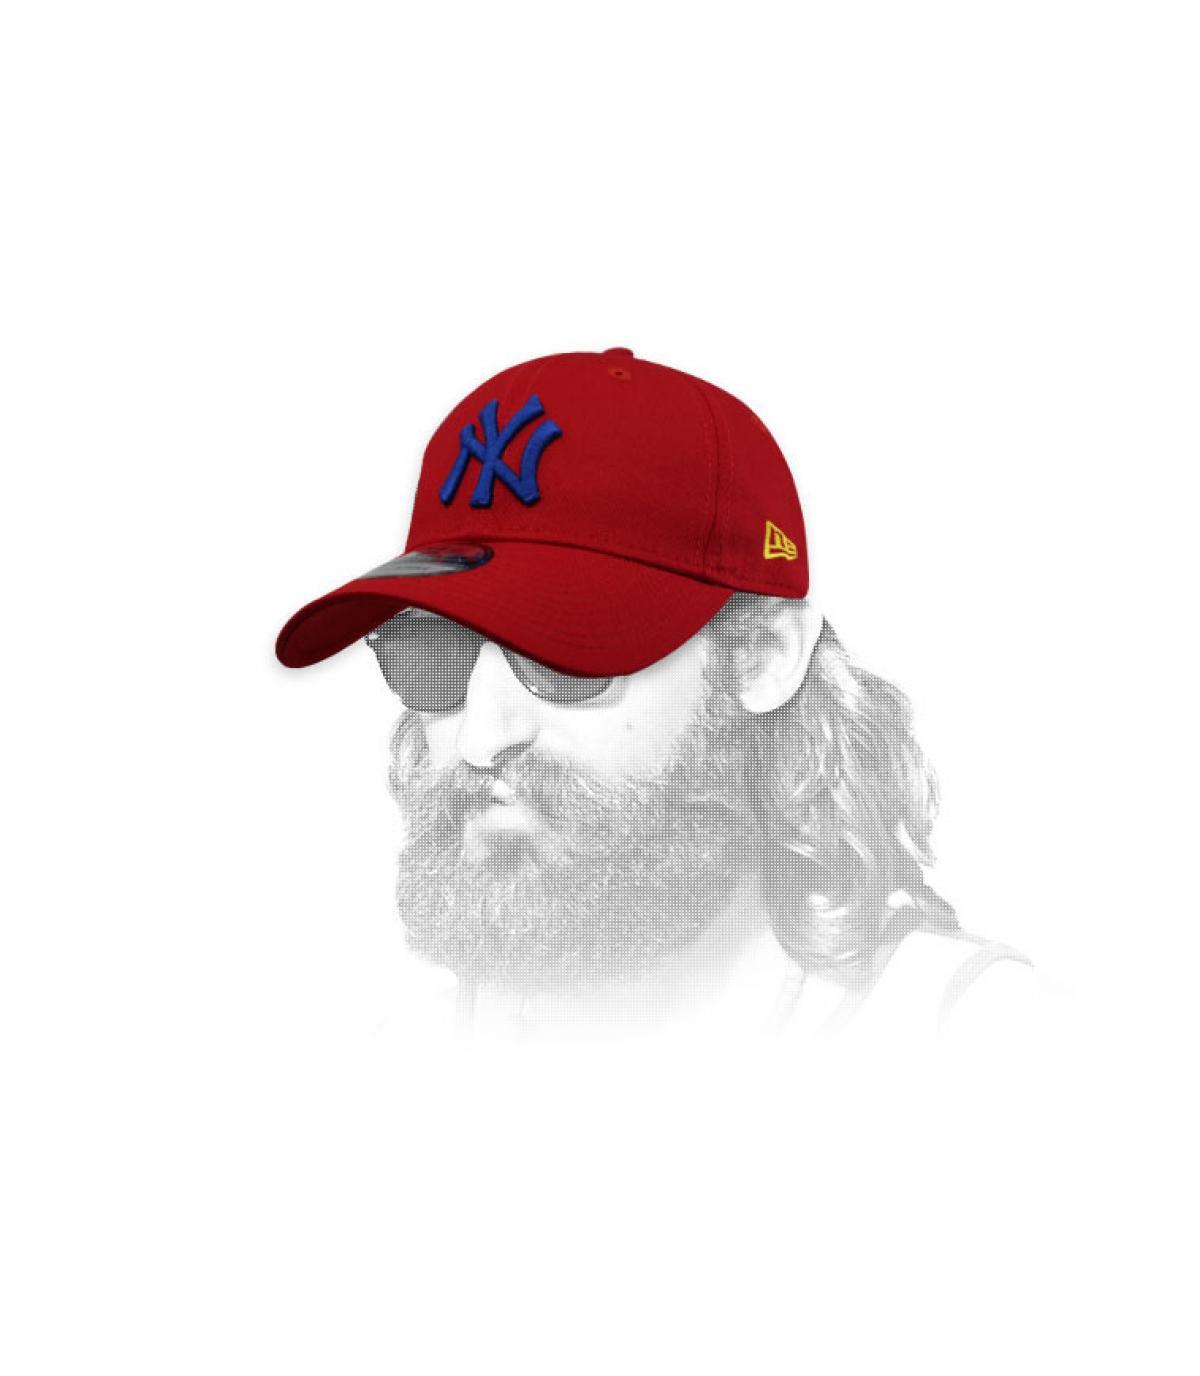 gorra NY rojo azul